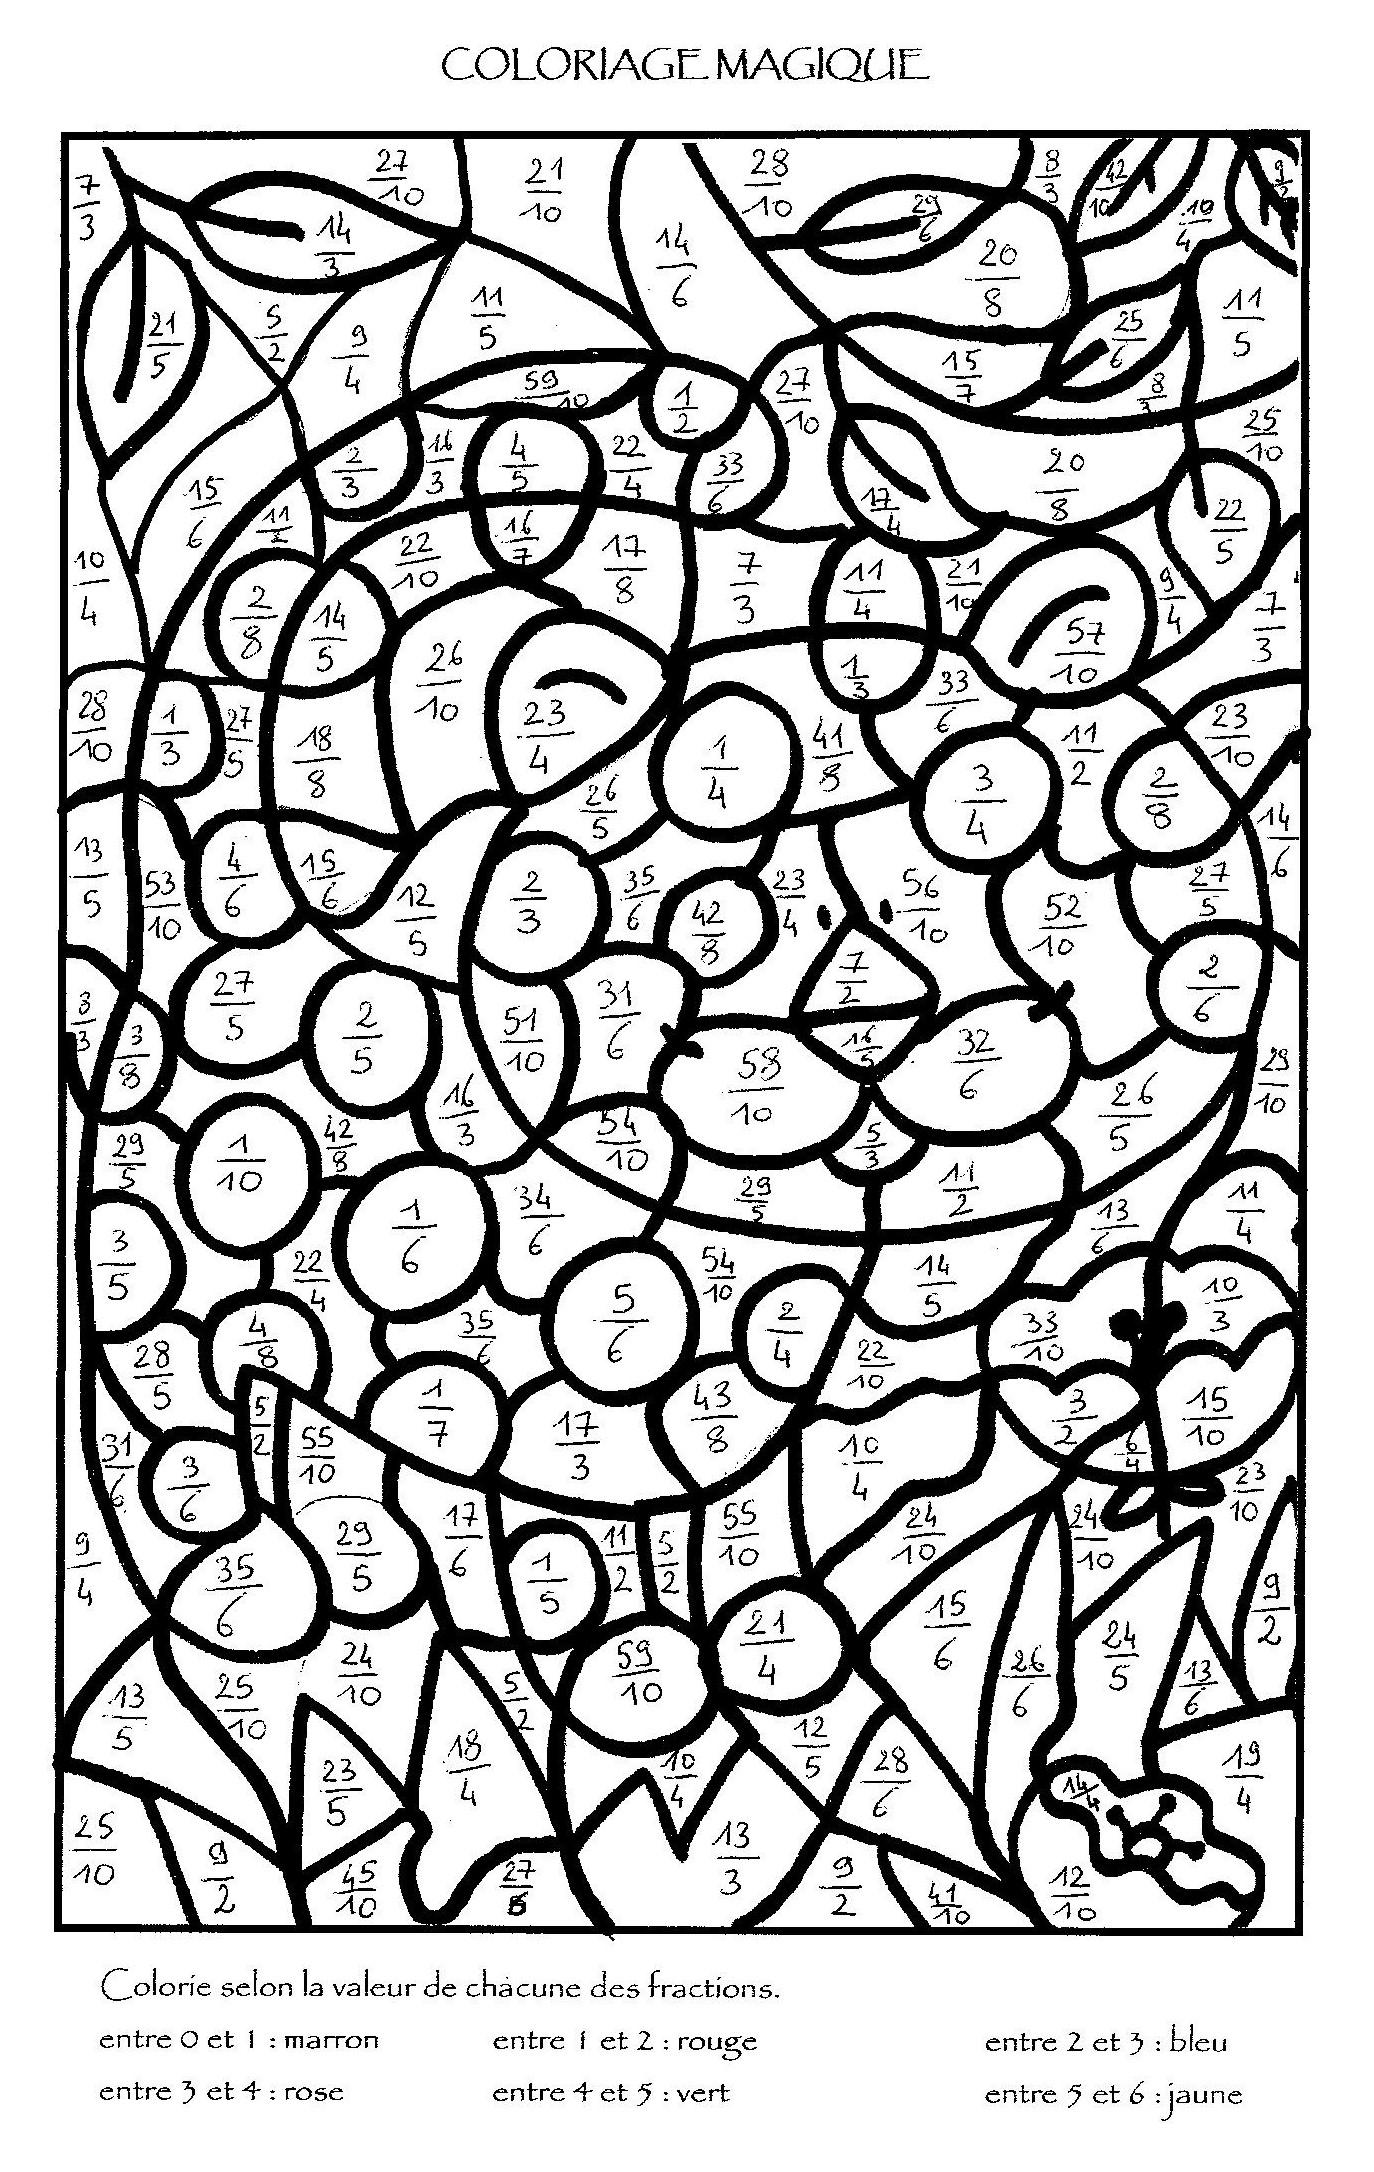 20 dessins de coloriage magique ce1 maths imprimer - Coloriage maths ...